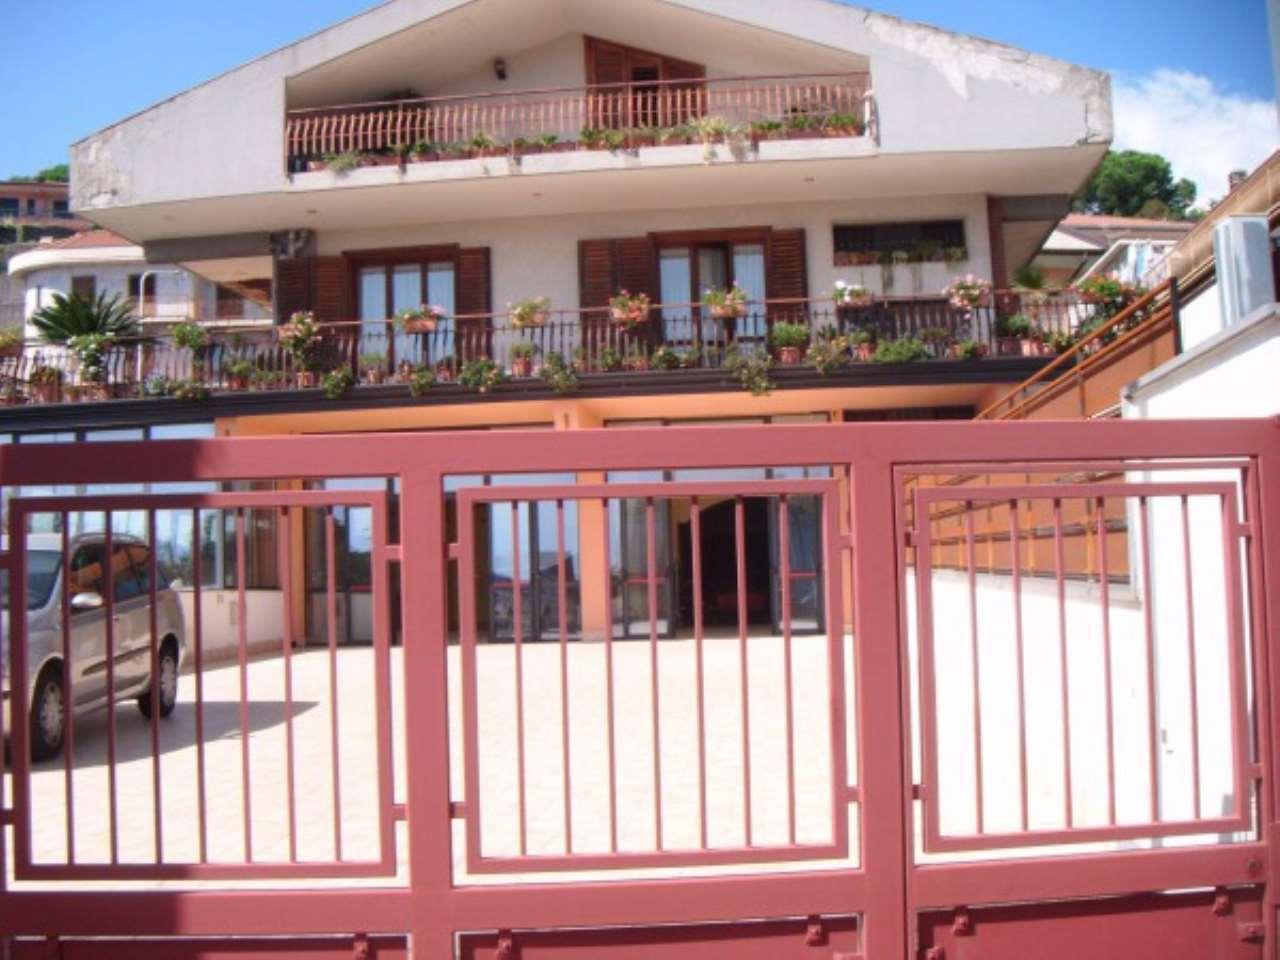 Negozio / Locale in affitto a Trecastagni, 3 locali, prezzo € 1.600 | CambioCasa.it